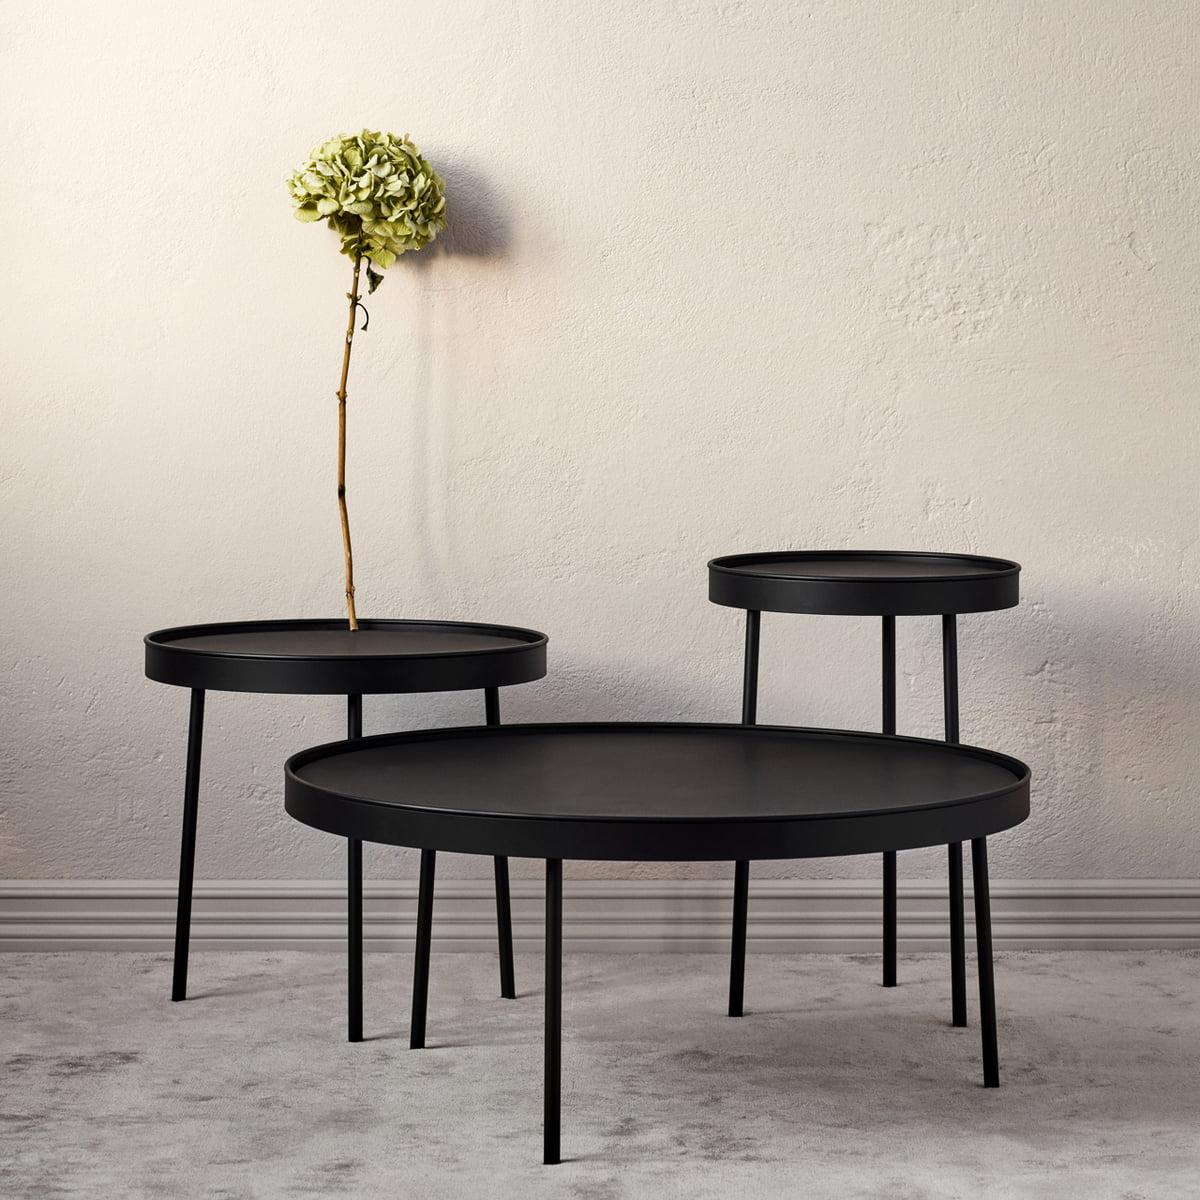 northern stilk coffee table schwarz eiche verschiedene groessen ambiente jpg